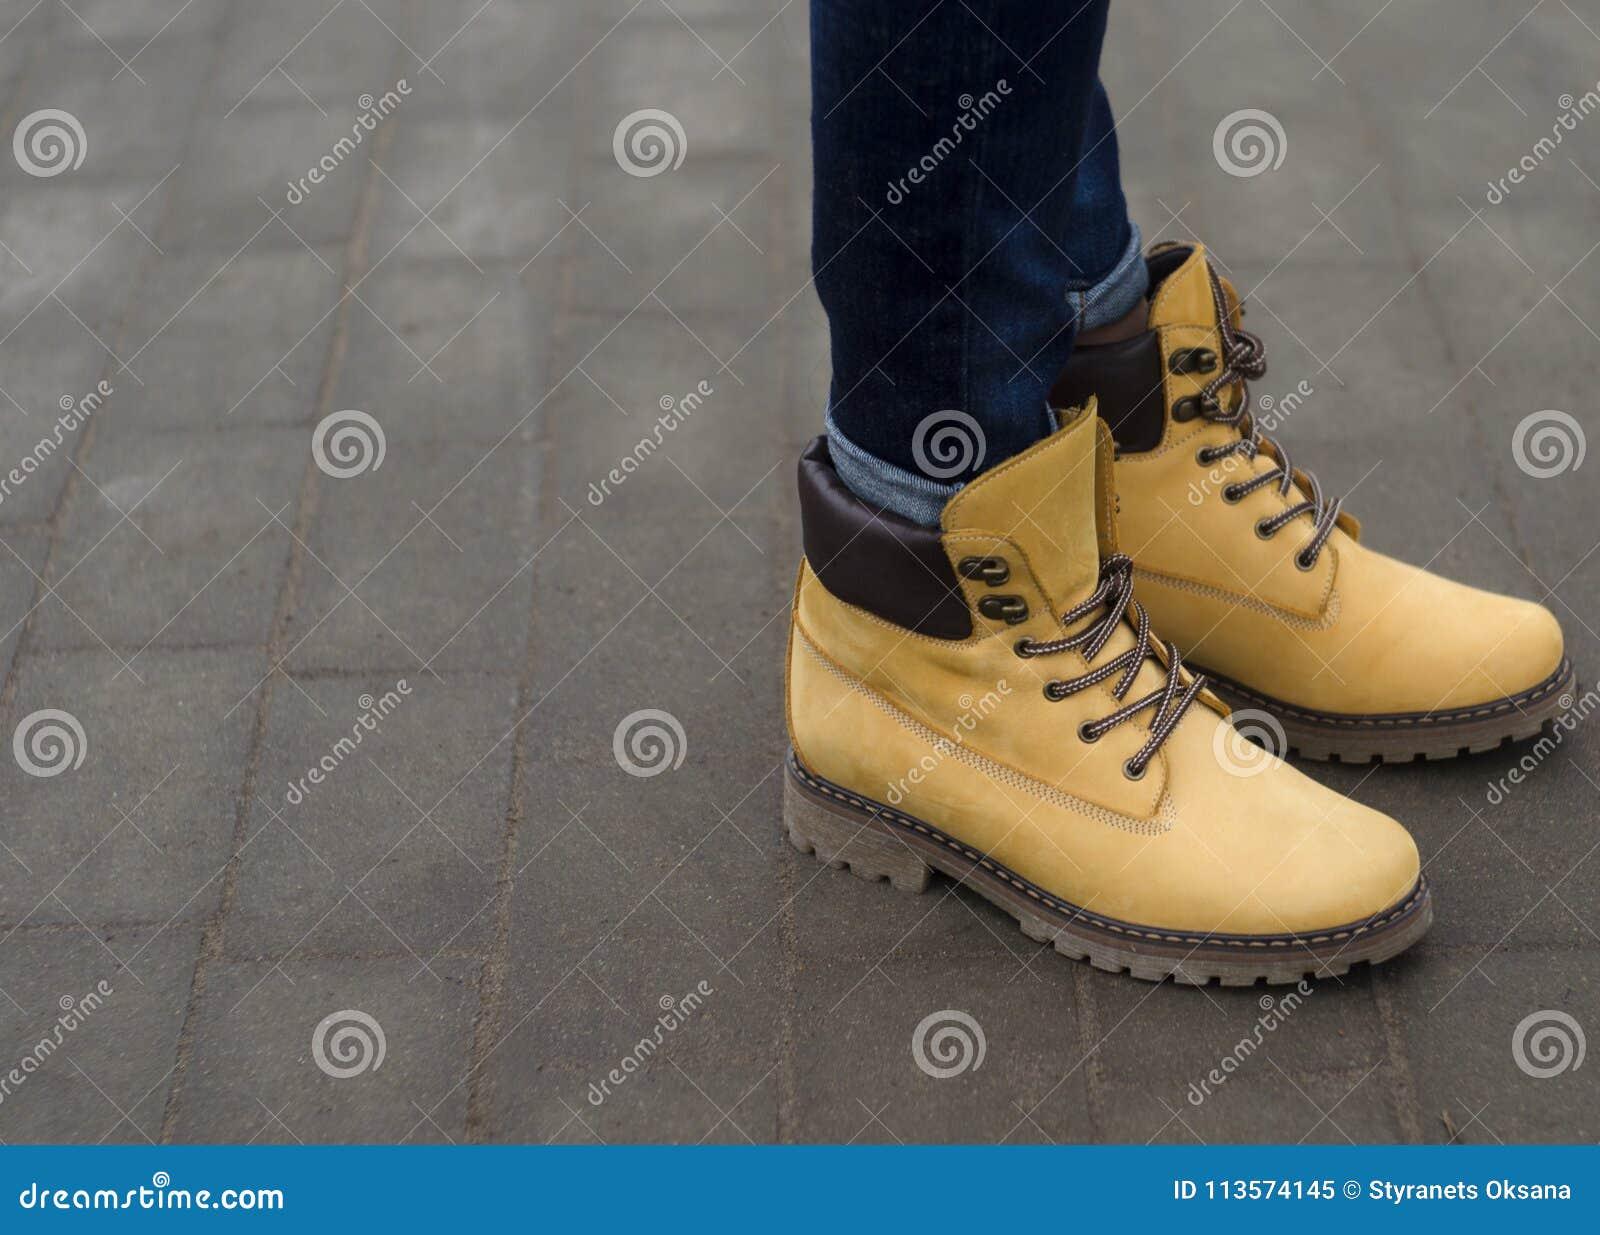 25f6c5166ee Όμορφα χειμερινά κίτρινα παπούτσια γυναικών Στοκ Εικόνα - εικόνα από ...